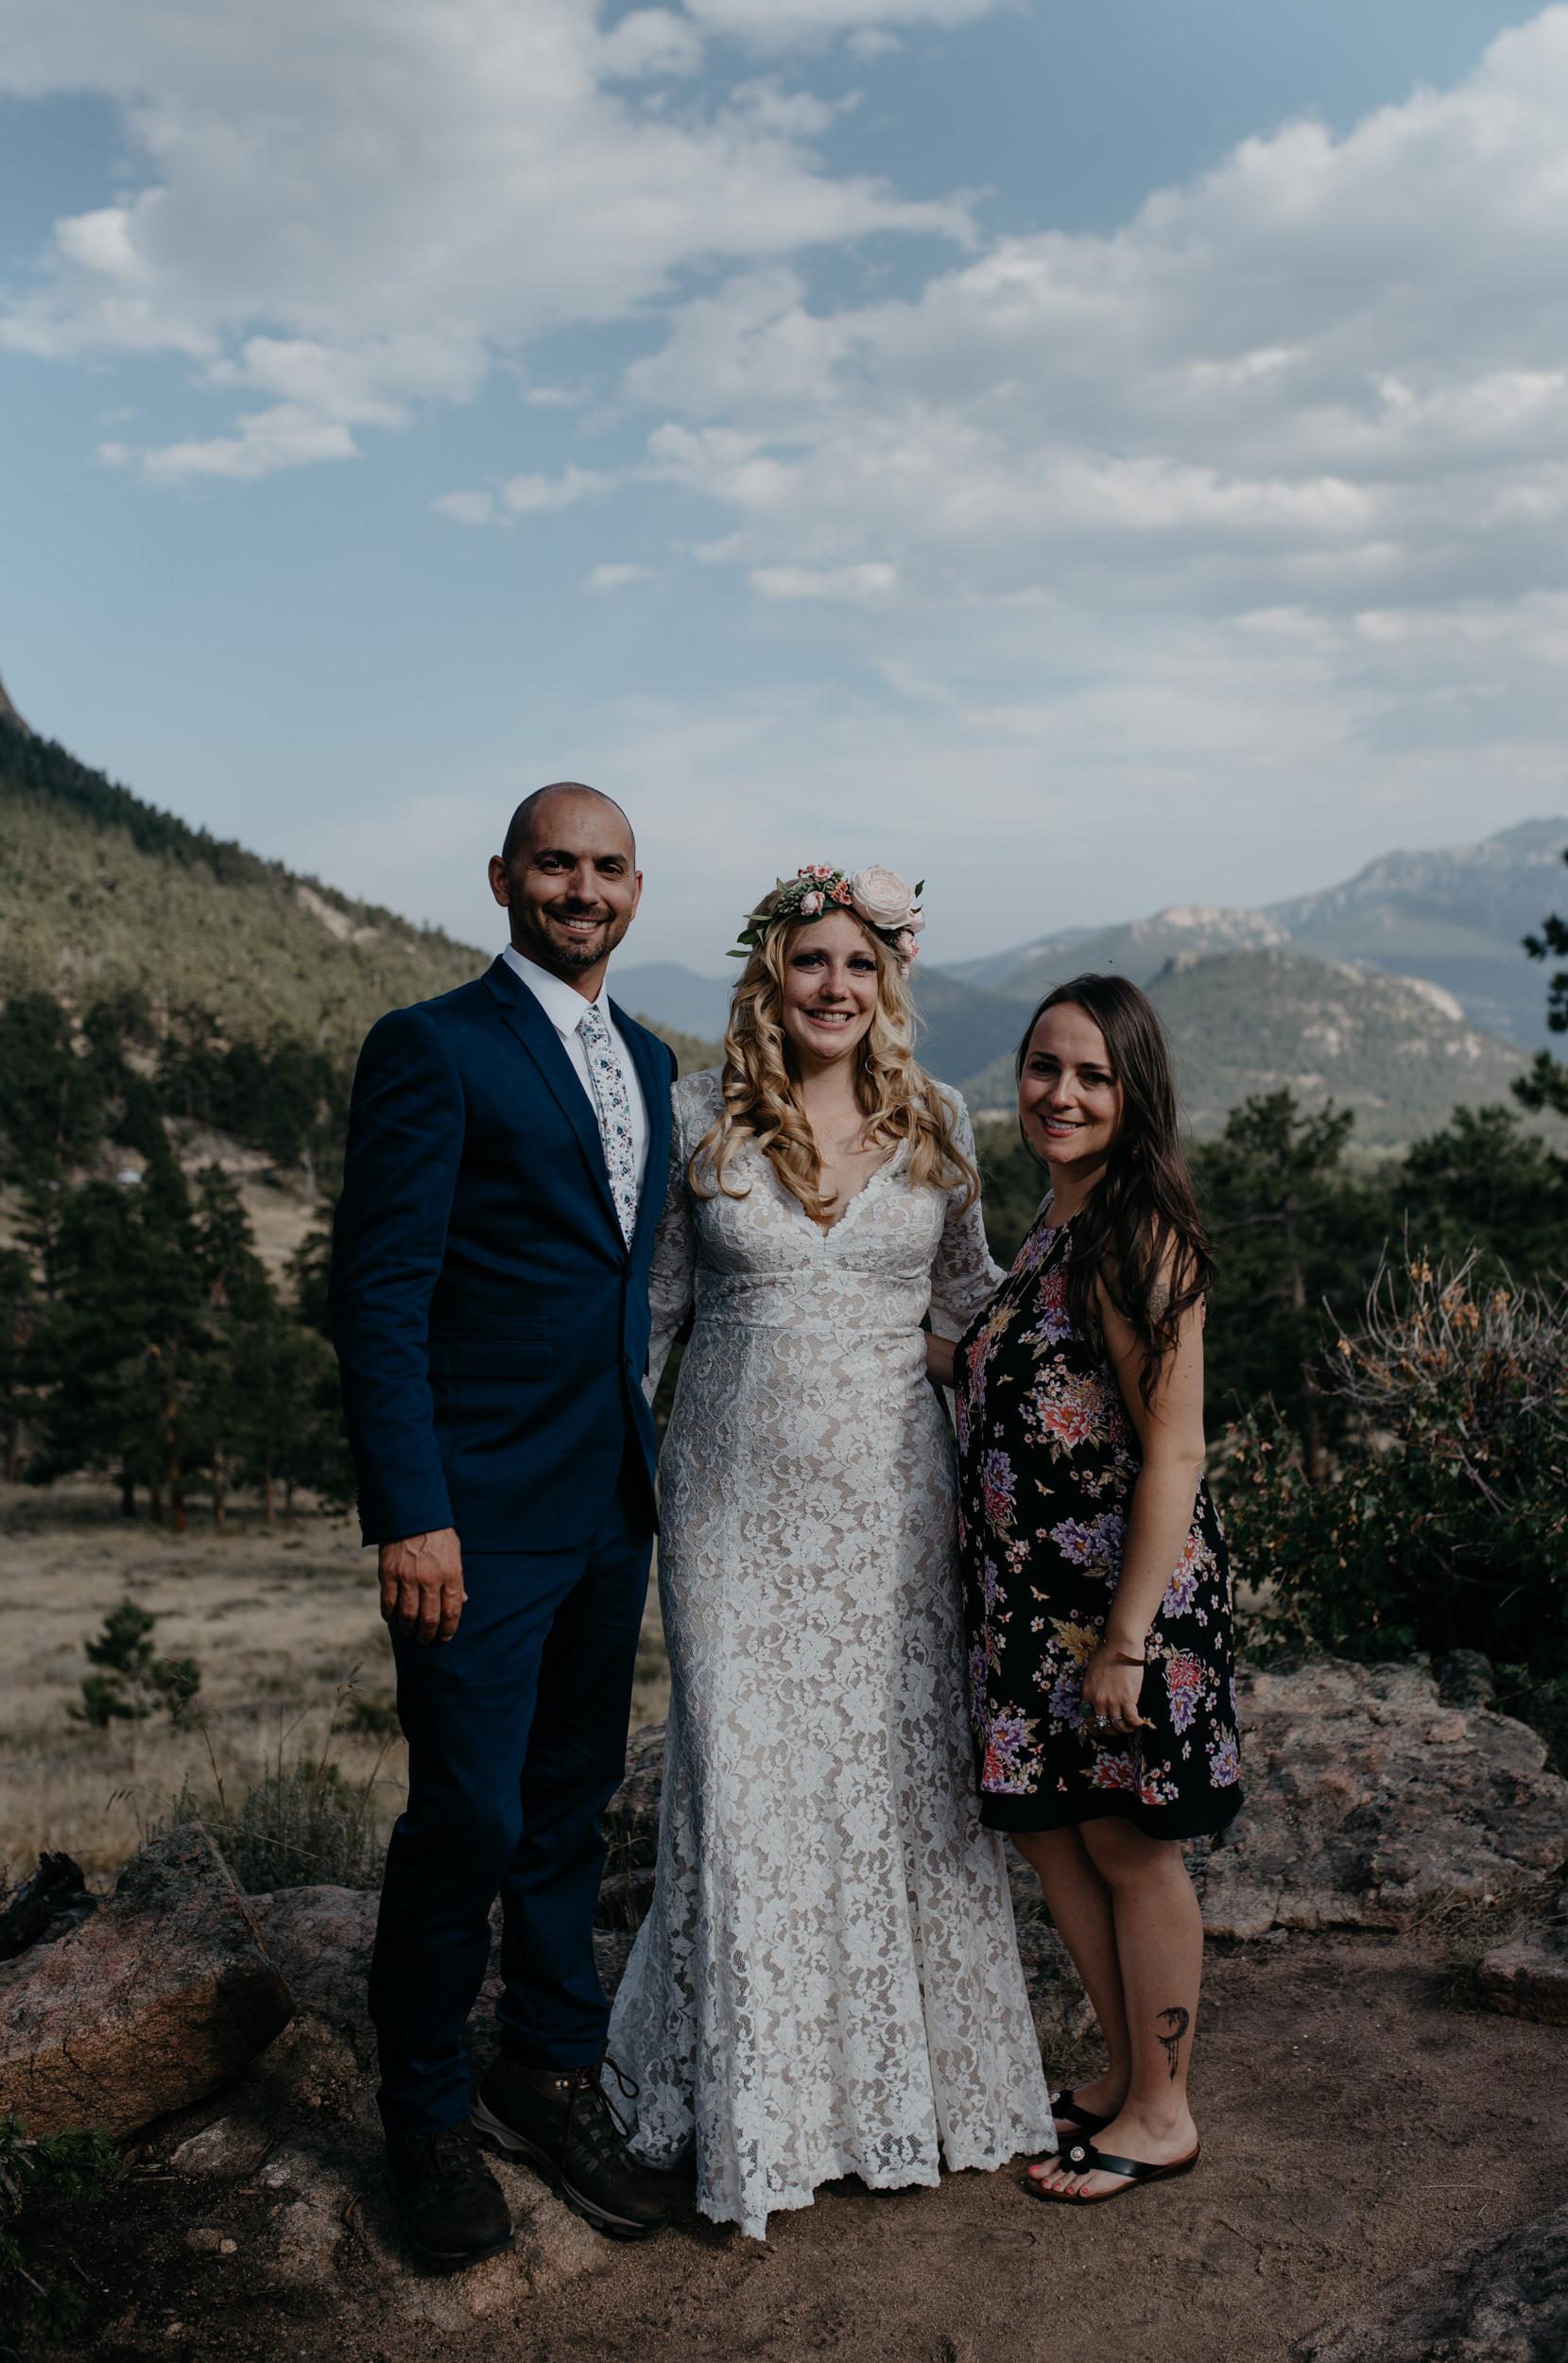 Wedding party photos, Colorado elopement photographer.